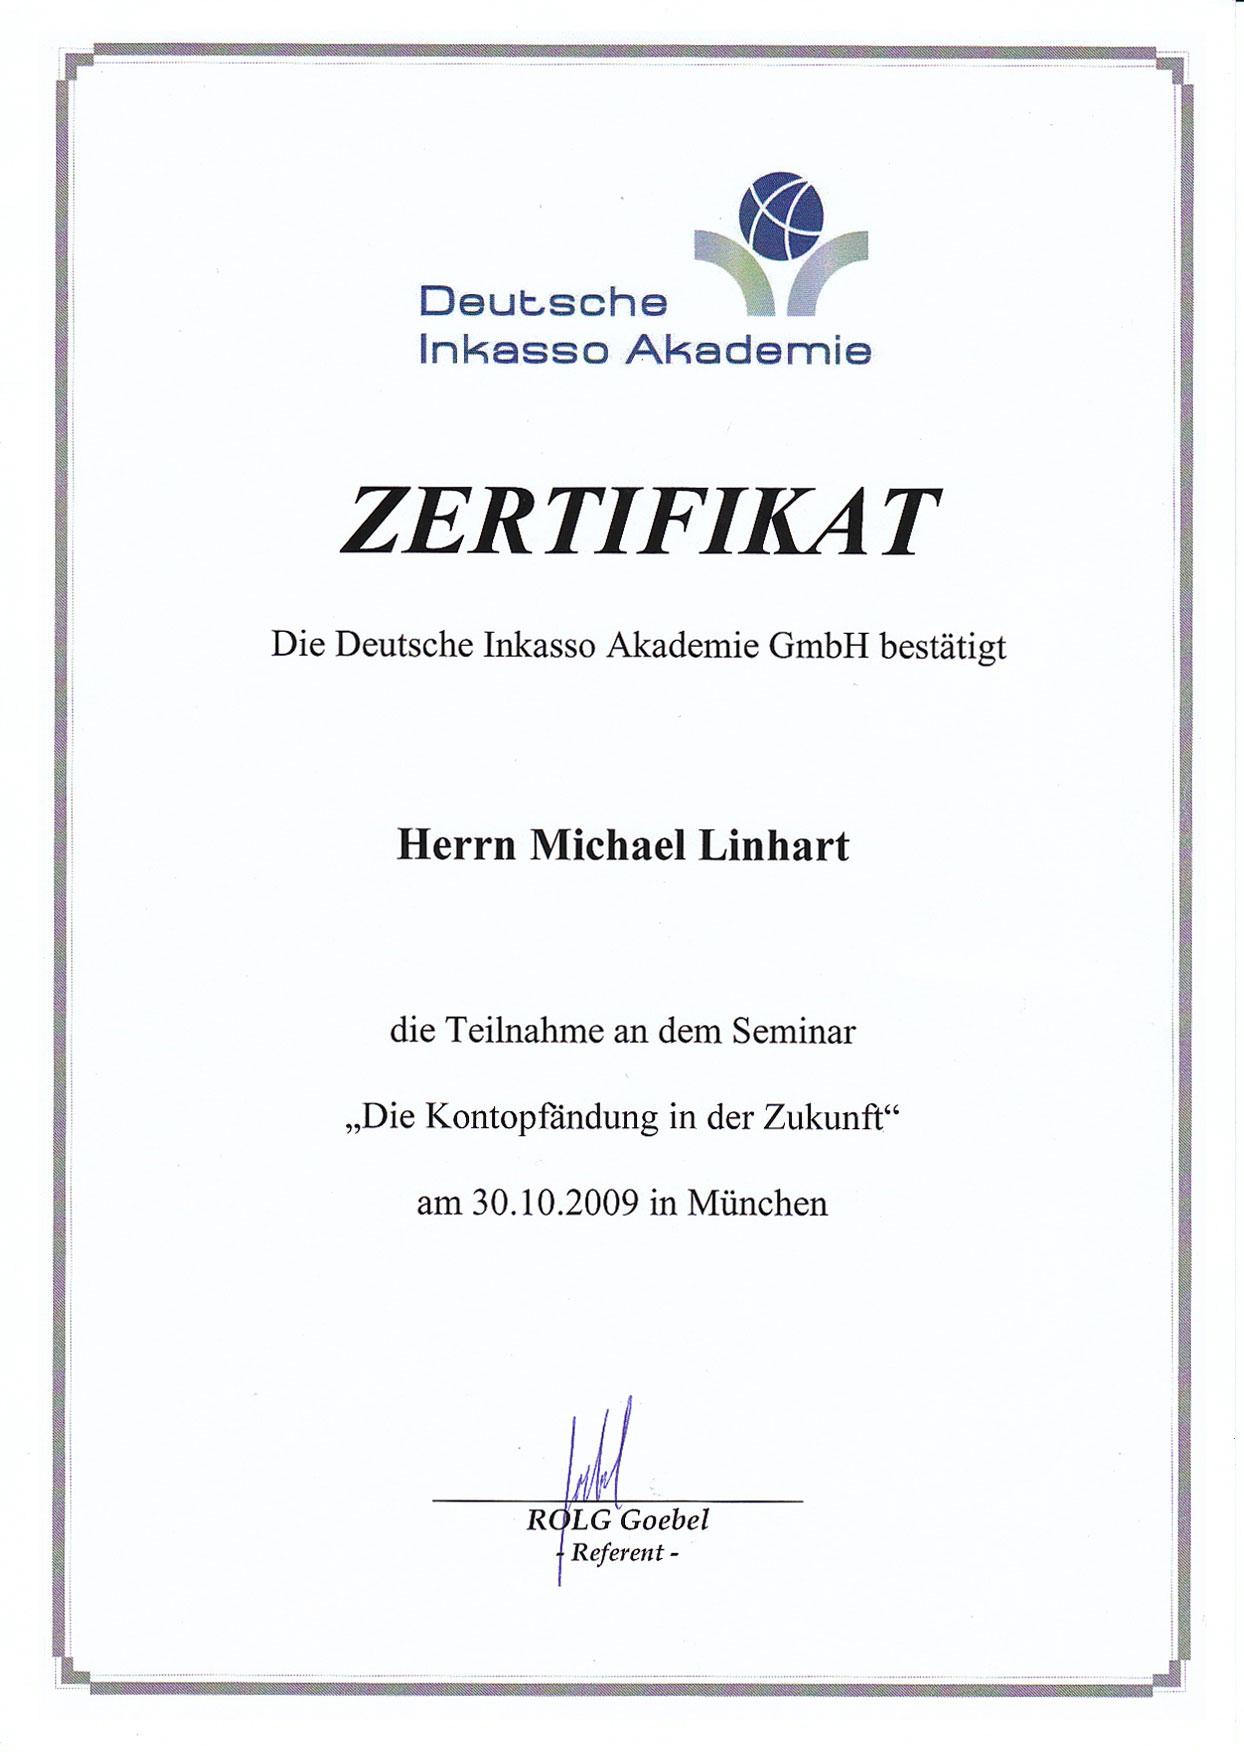 Groß Vorlage Von Zertifikaten Bilder - Entry Level Resume Vorlagen ...